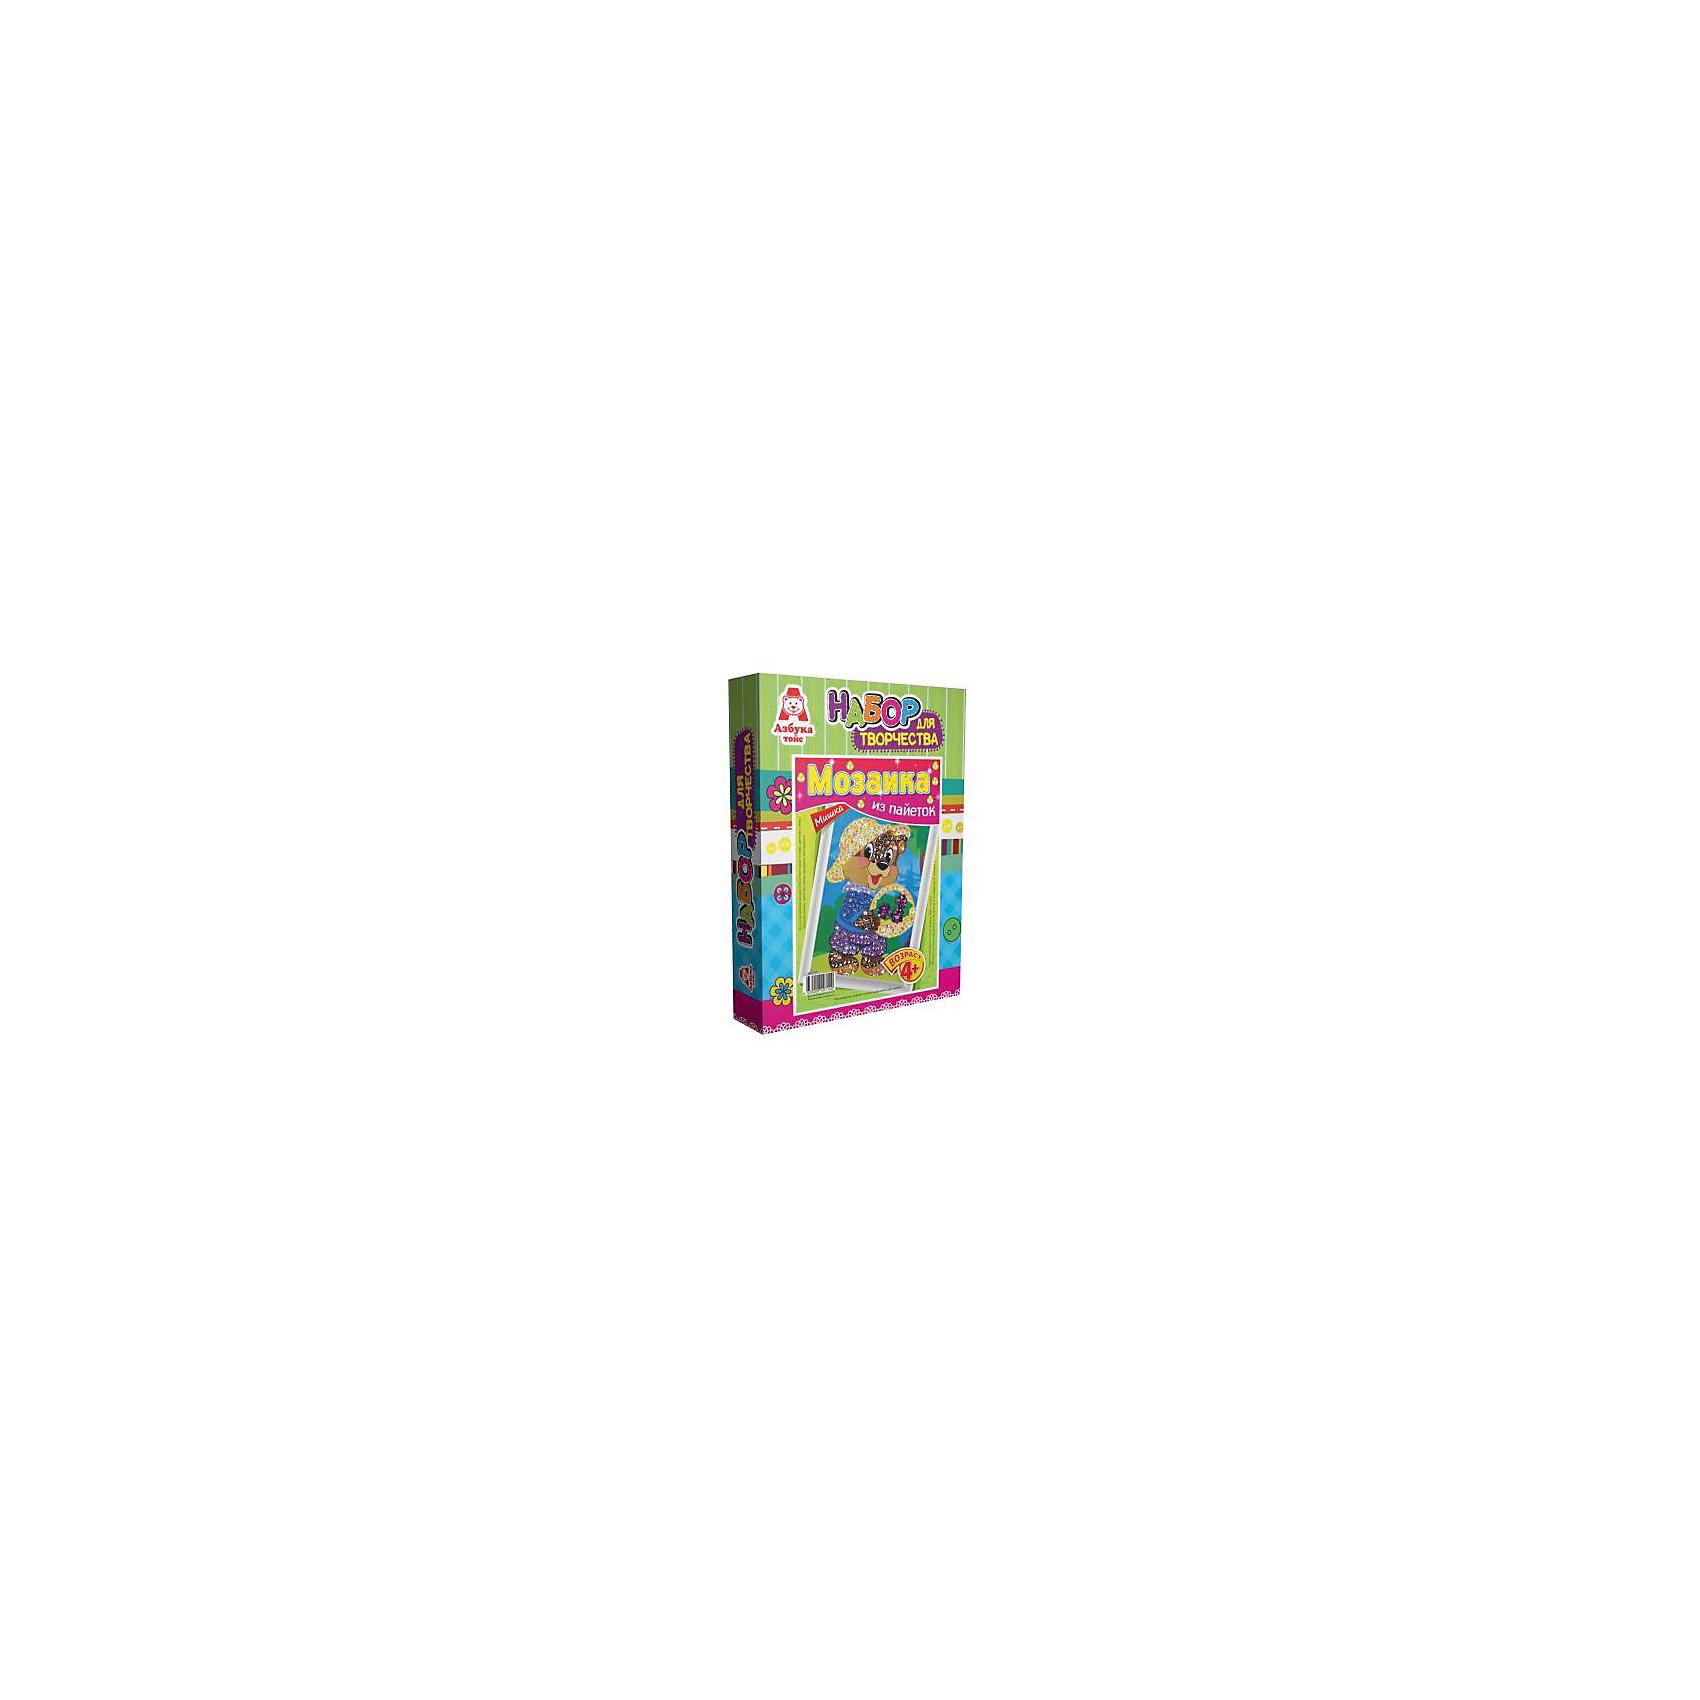 Картина из пайеток МишкаМозаика детская<br>Картина из пайеток Мишка.  <br><br>Характеристики:<br><br>• Размеры 28х21х5 см.<br>• В комплект входит:<br>- пенопластовая основа,<br>- цветная схема,<br>- сборная рамка;<br>- пайетки,<br>- пины - гвоздики,<br>- инструкция.<br><br>Пайетки - это блестящие кружочки разного цвета, при помощи которых, можно создавать красивые блестящие картины в виде мозаики Пайетка прикалывается к основе при помощи булавочки-гвоздика. Занятие с набором Мозаика из пайеток развивает творческие способности, воображение, концентрацию внимания, мелкую моторику, аккуратность и усидчивость. Такая картина станет украшением вашего дома или станет прекрасным подарком. Желаем Вам приятной творческой работы!<br><br>Картину из пайеток Мишка, можно купить в нашем интернет – магазине.<br><br>Ширина мм: 210<br>Глубина мм: 50<br>Высота мм: 280<br>Вес г: 128<br>Возраст от месяцев: 48<br>Возраст до месяцев: 108<br>Пол: Женский<br>Возраст: Детский<br>SKU: 5062966